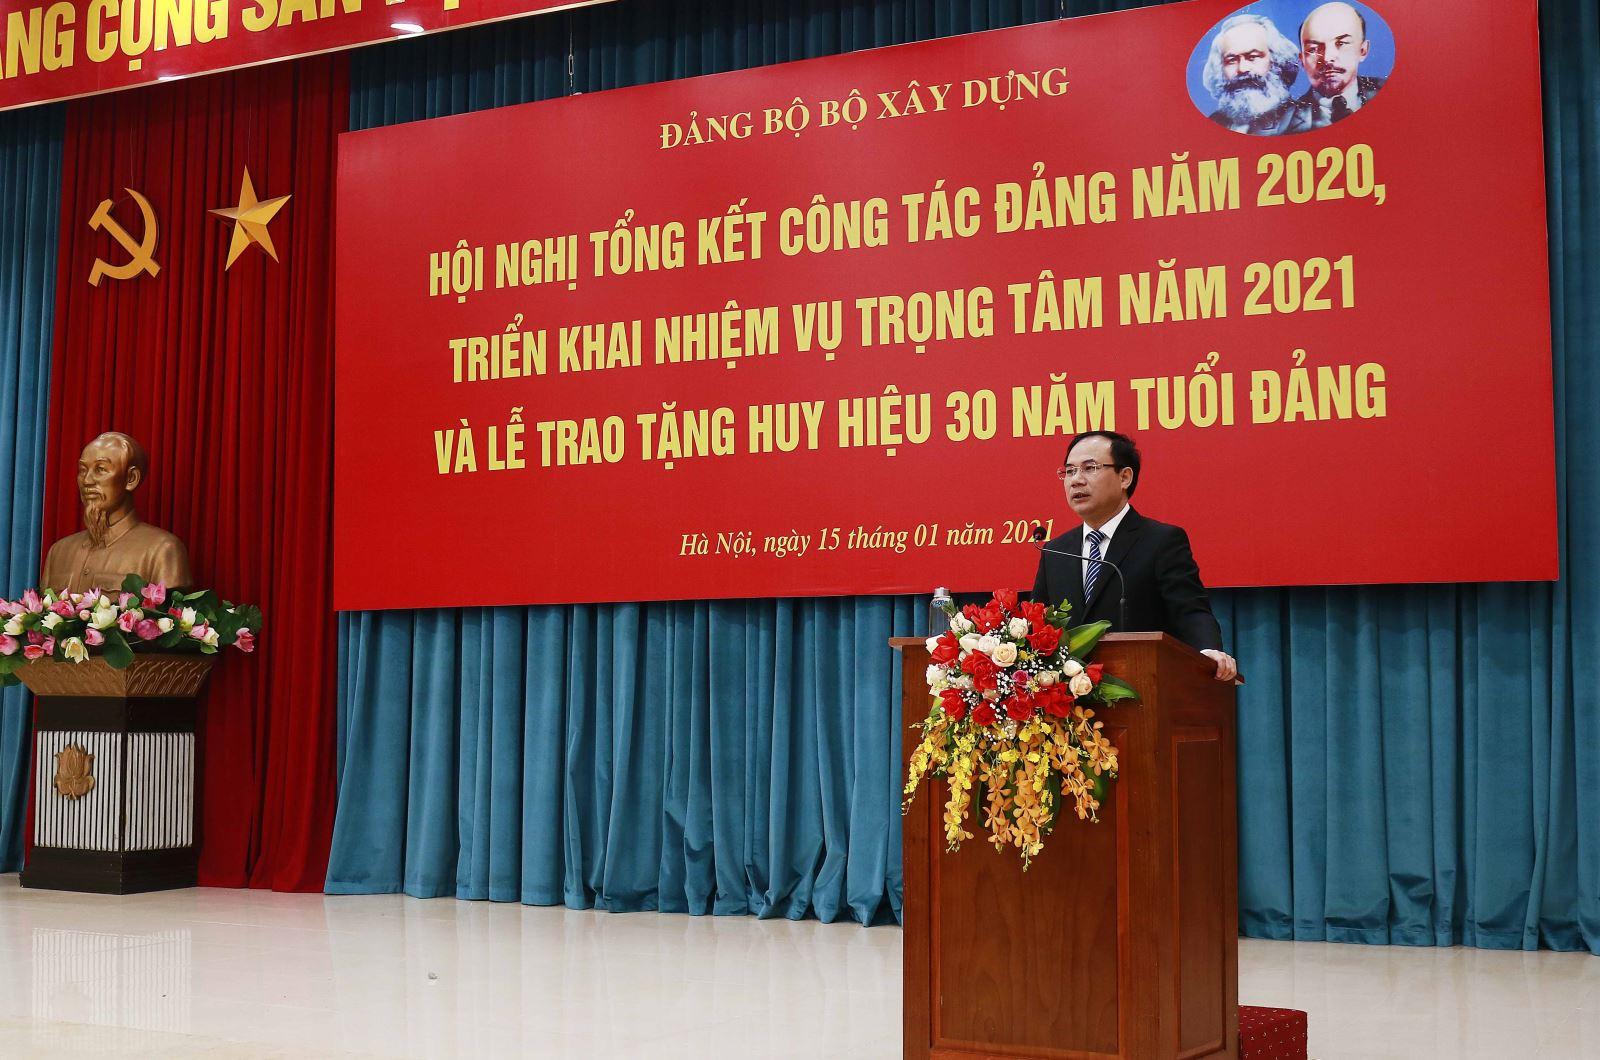 Bí thư Đảng ủy, Thứ trưởng Bộ Xây dựng Nguyễn Văn Sinh phát biểu tại Hội nghị